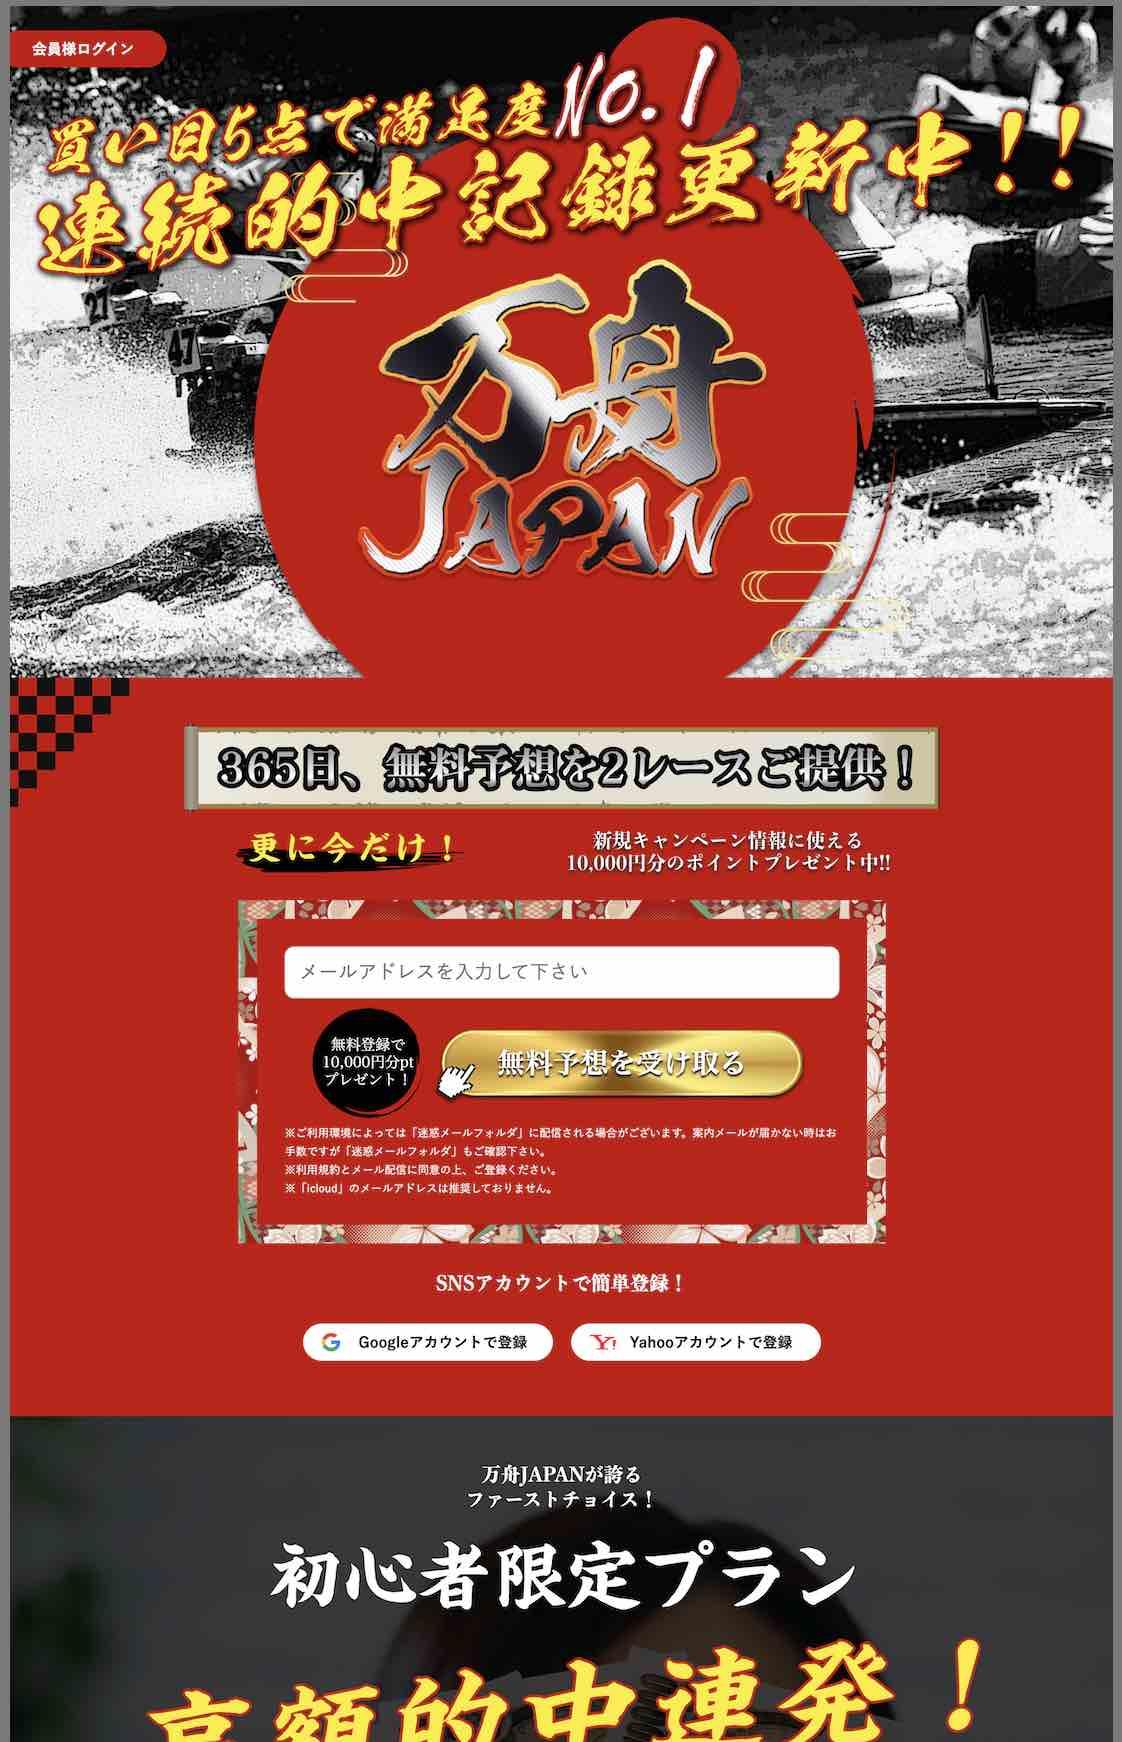 万舟JAPAN(万舟ジャパン)という競艇予想サイト(ボートレース予想サイト)の非会員TOP